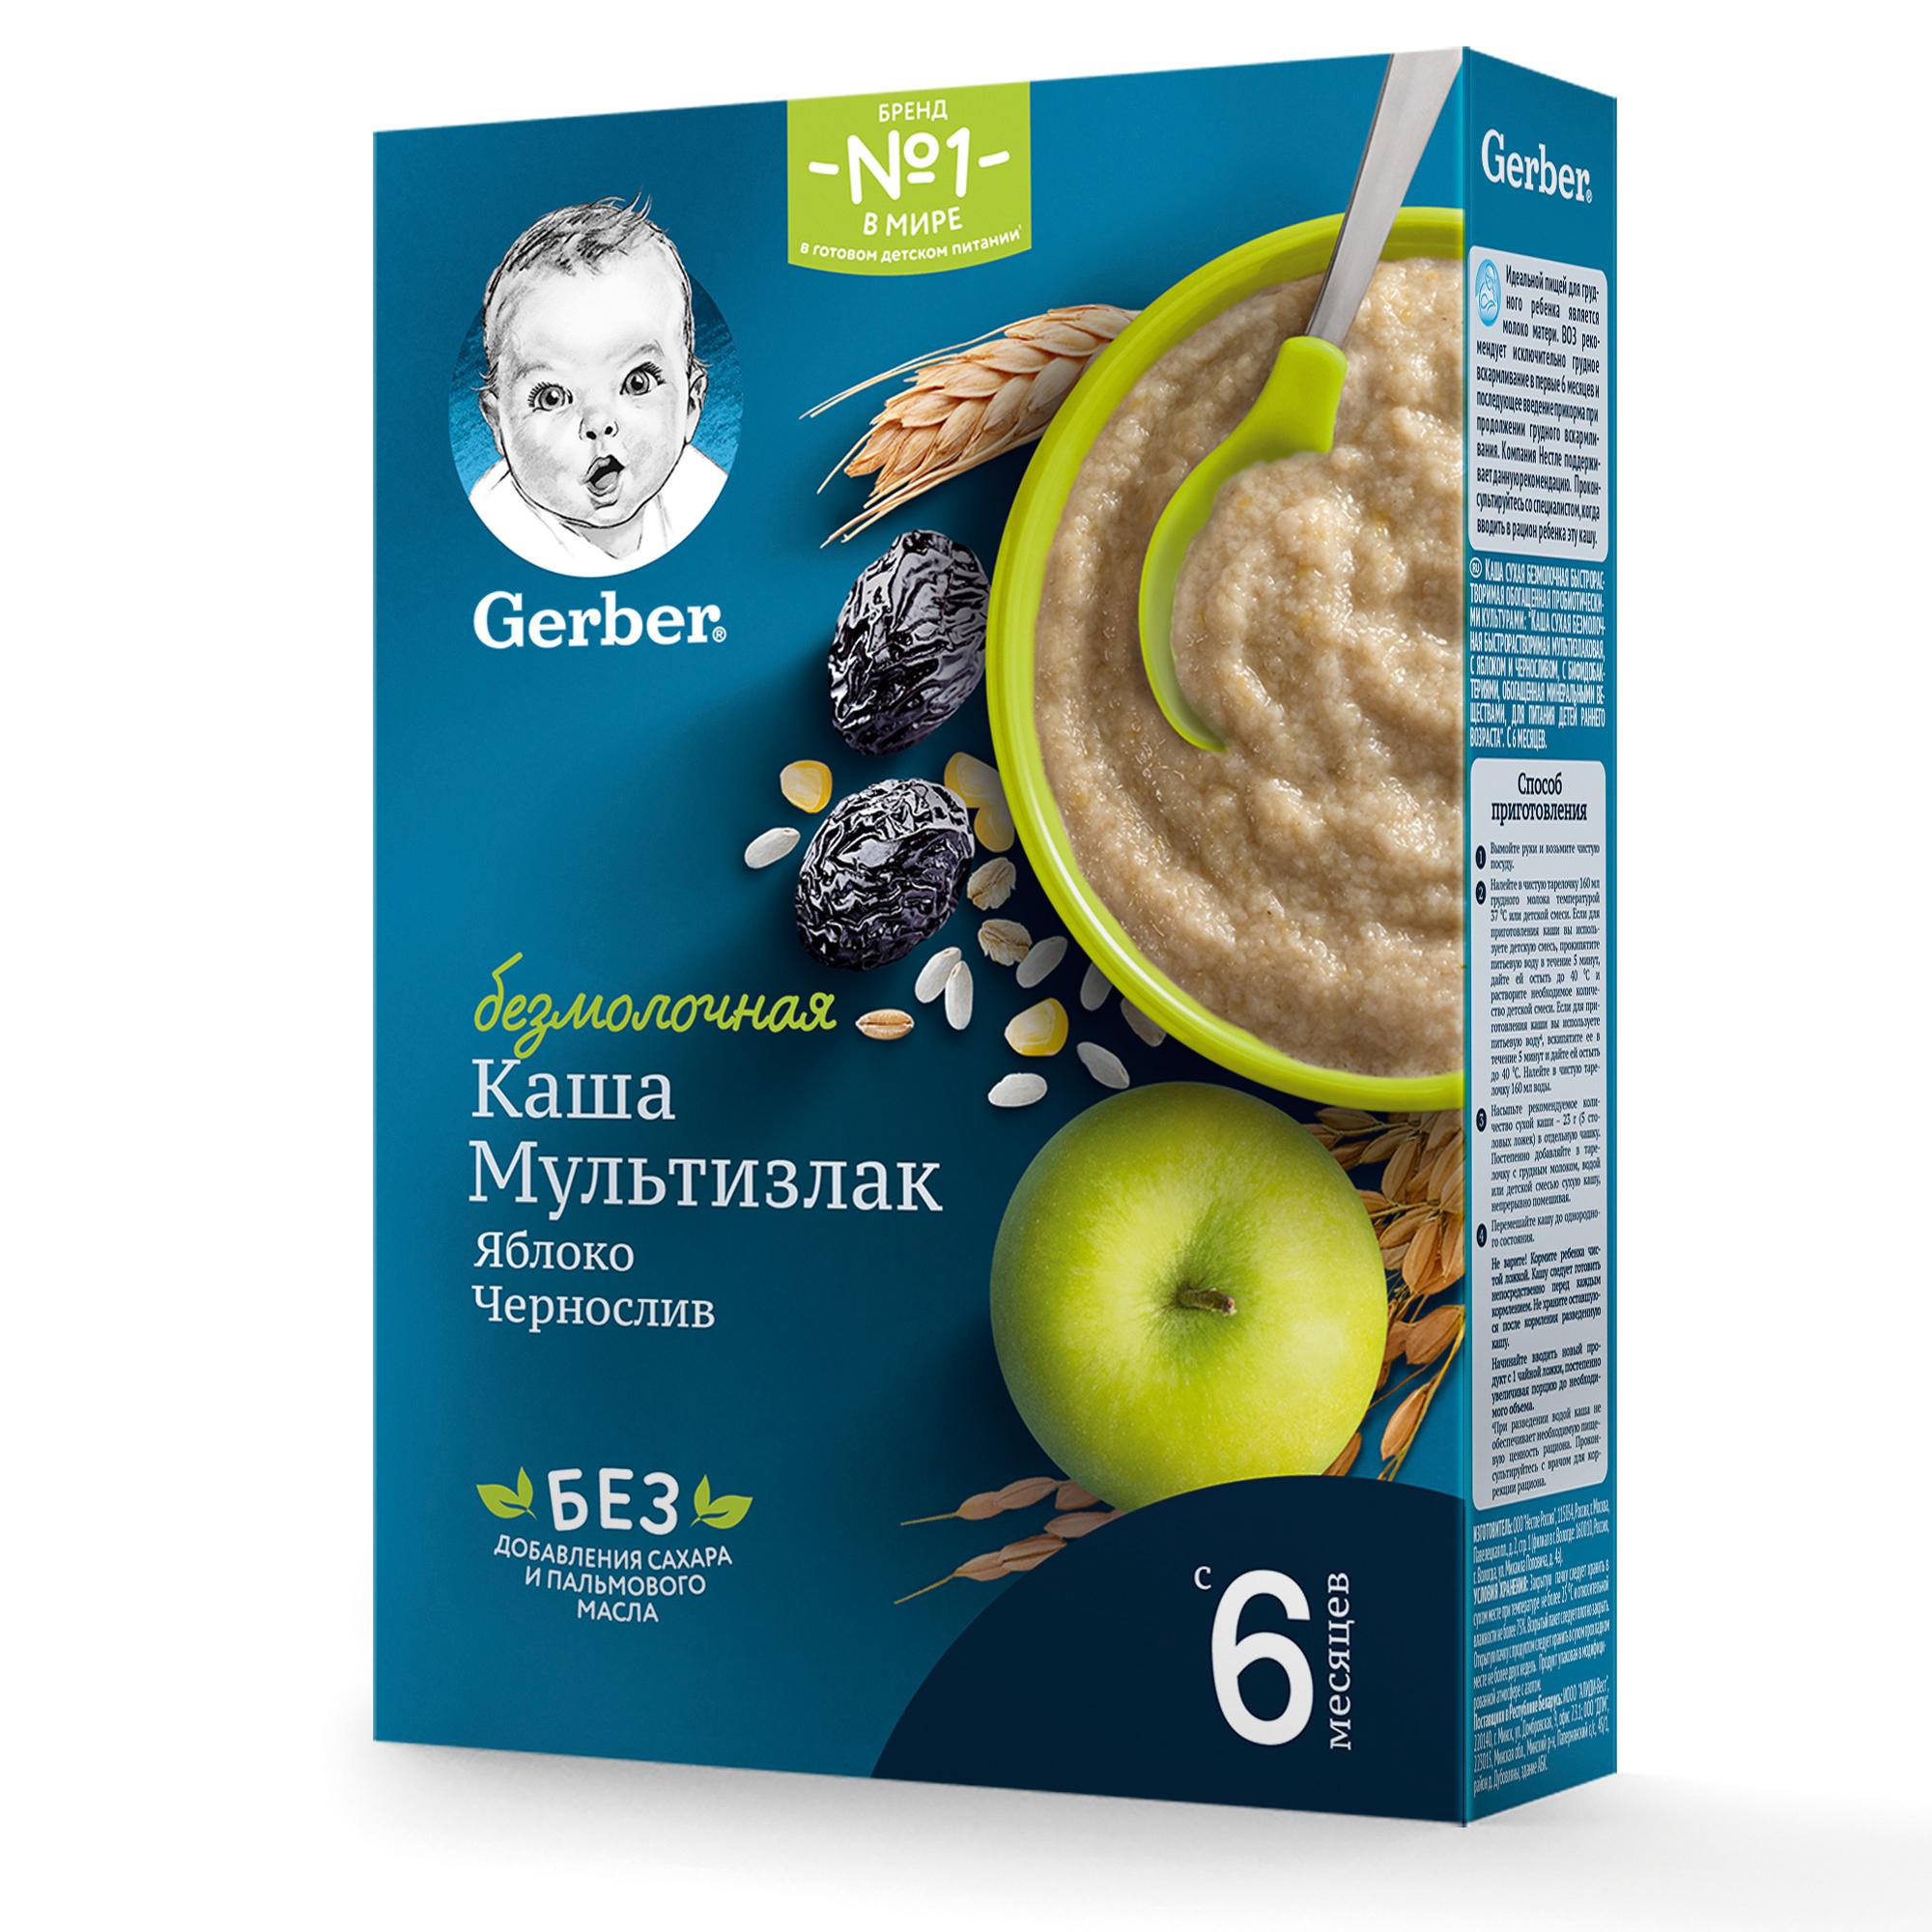 Каша безмолочная Gerber Мультизлаковая с яблоком и черносливом с 6 мес. 180 г фото